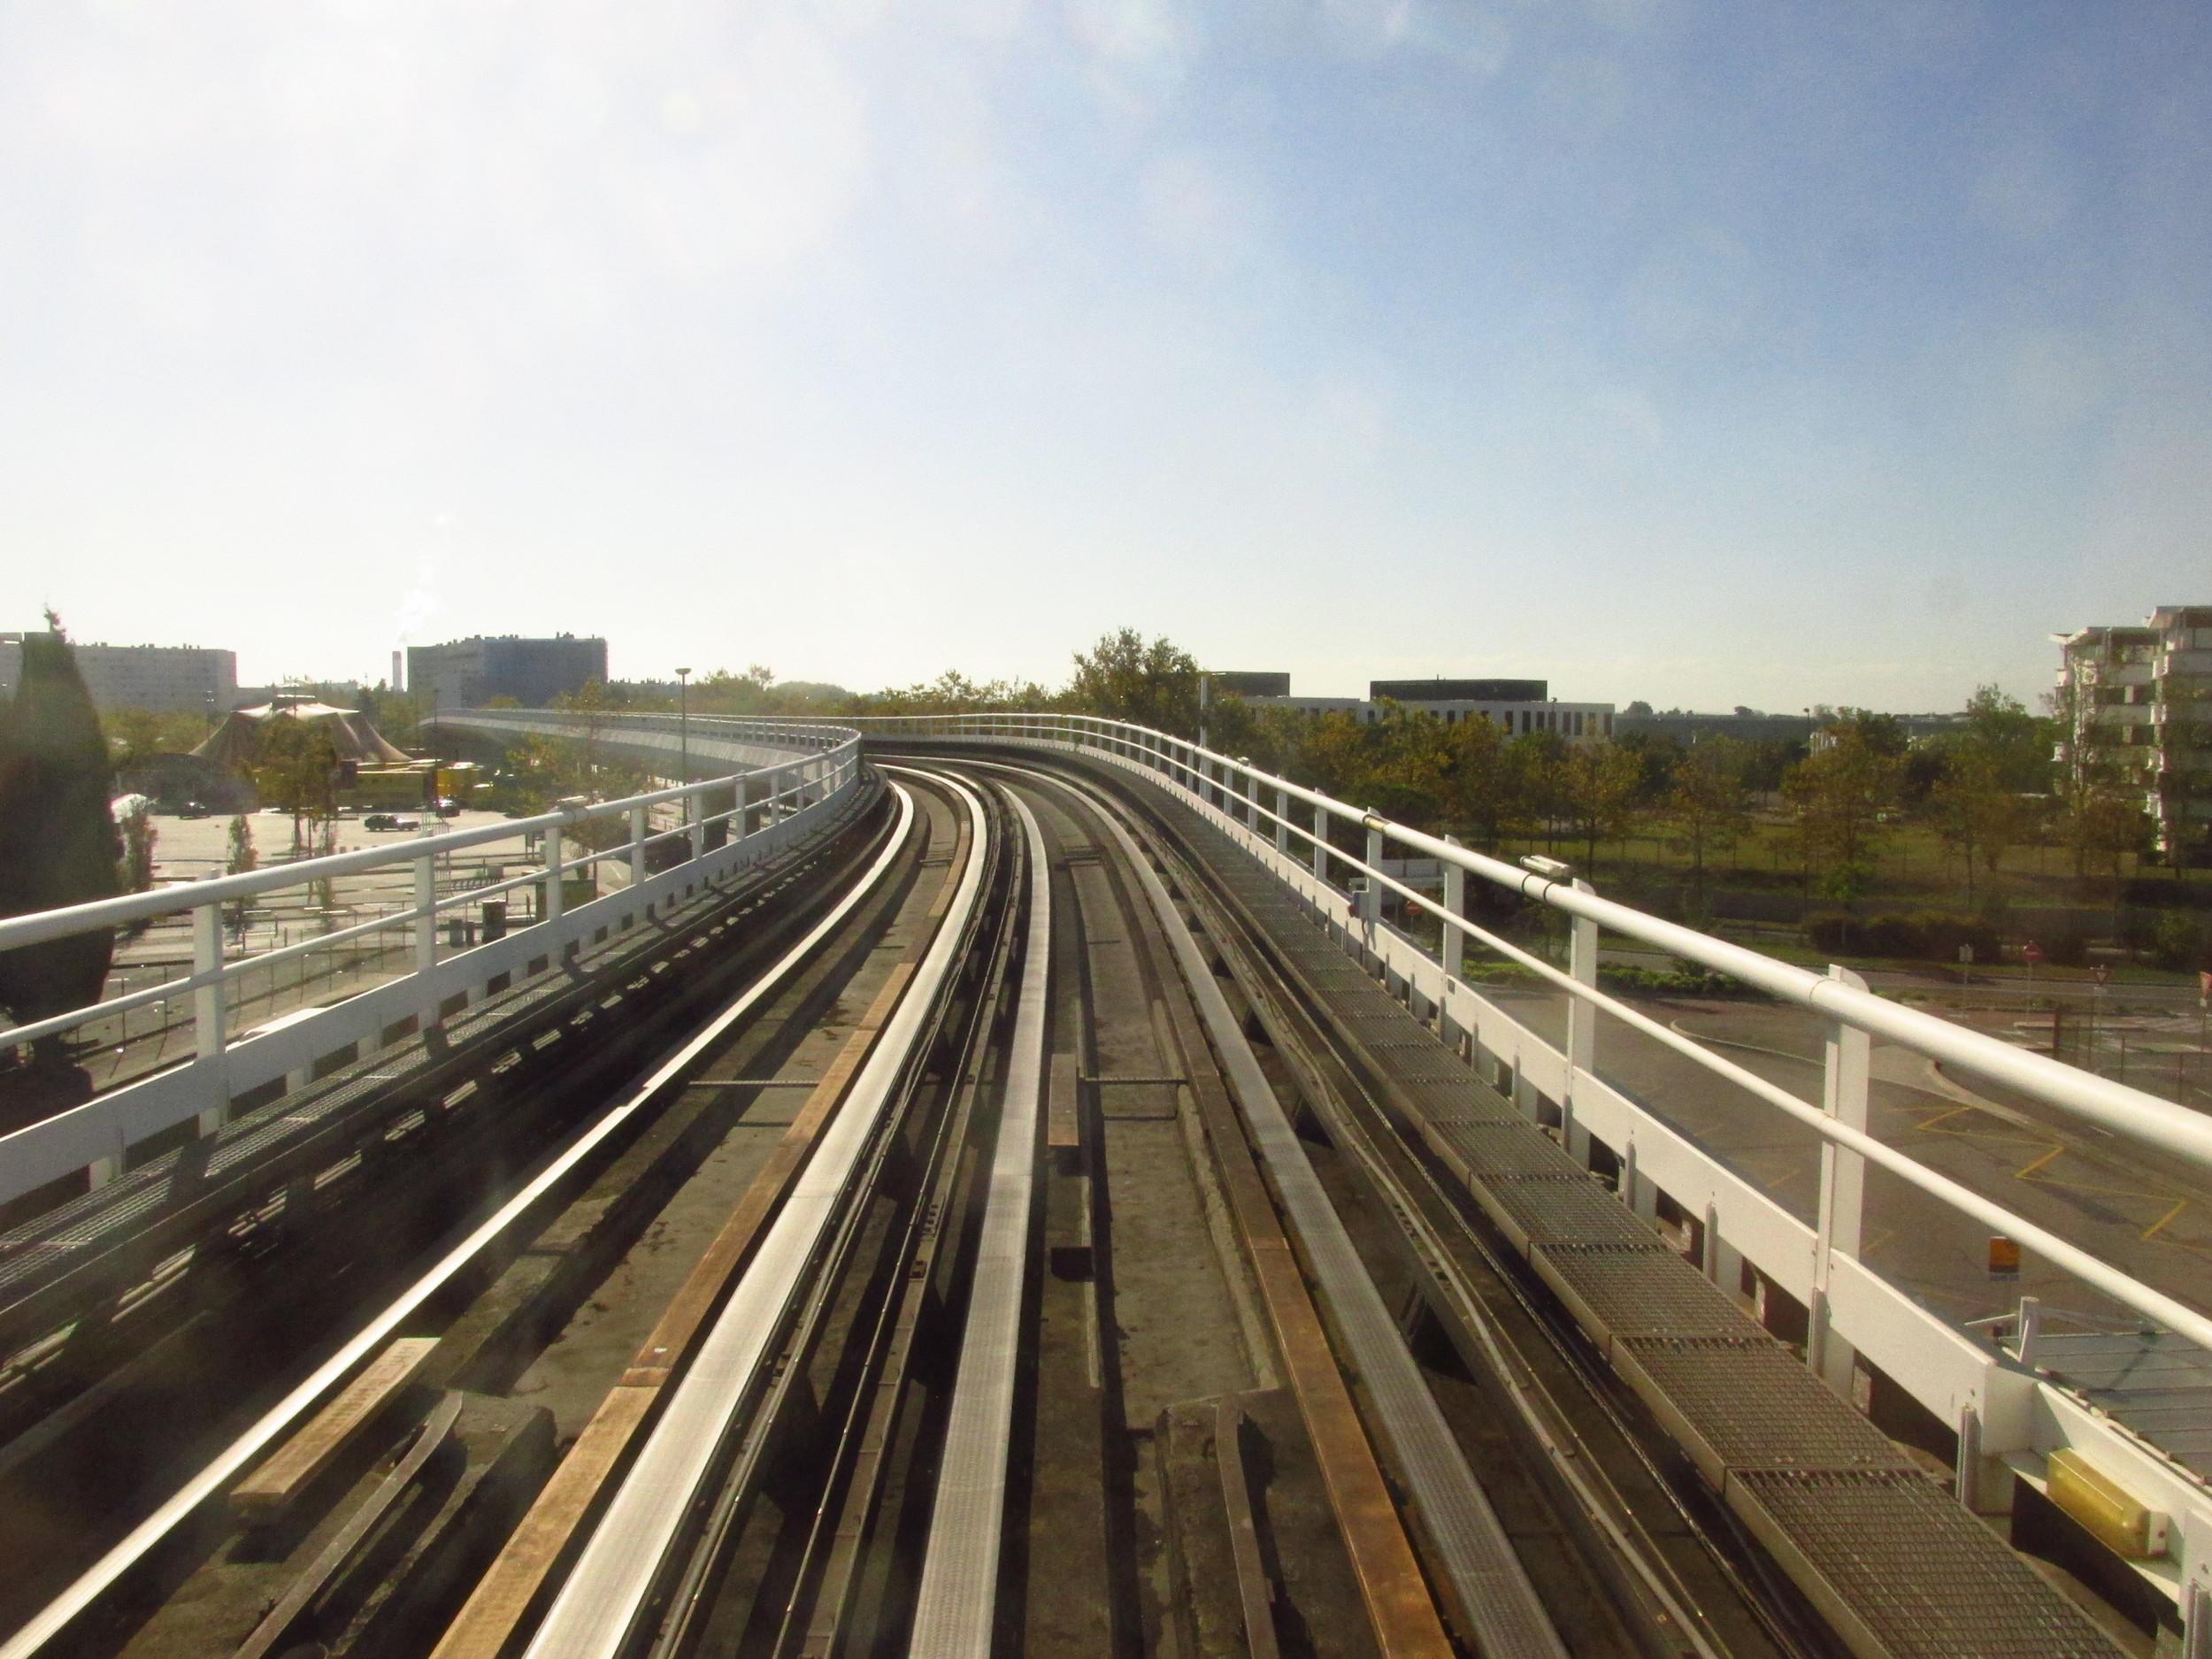 Pohled na řešení trati systému VAL. (foto: Ing. Filip Jiřík)